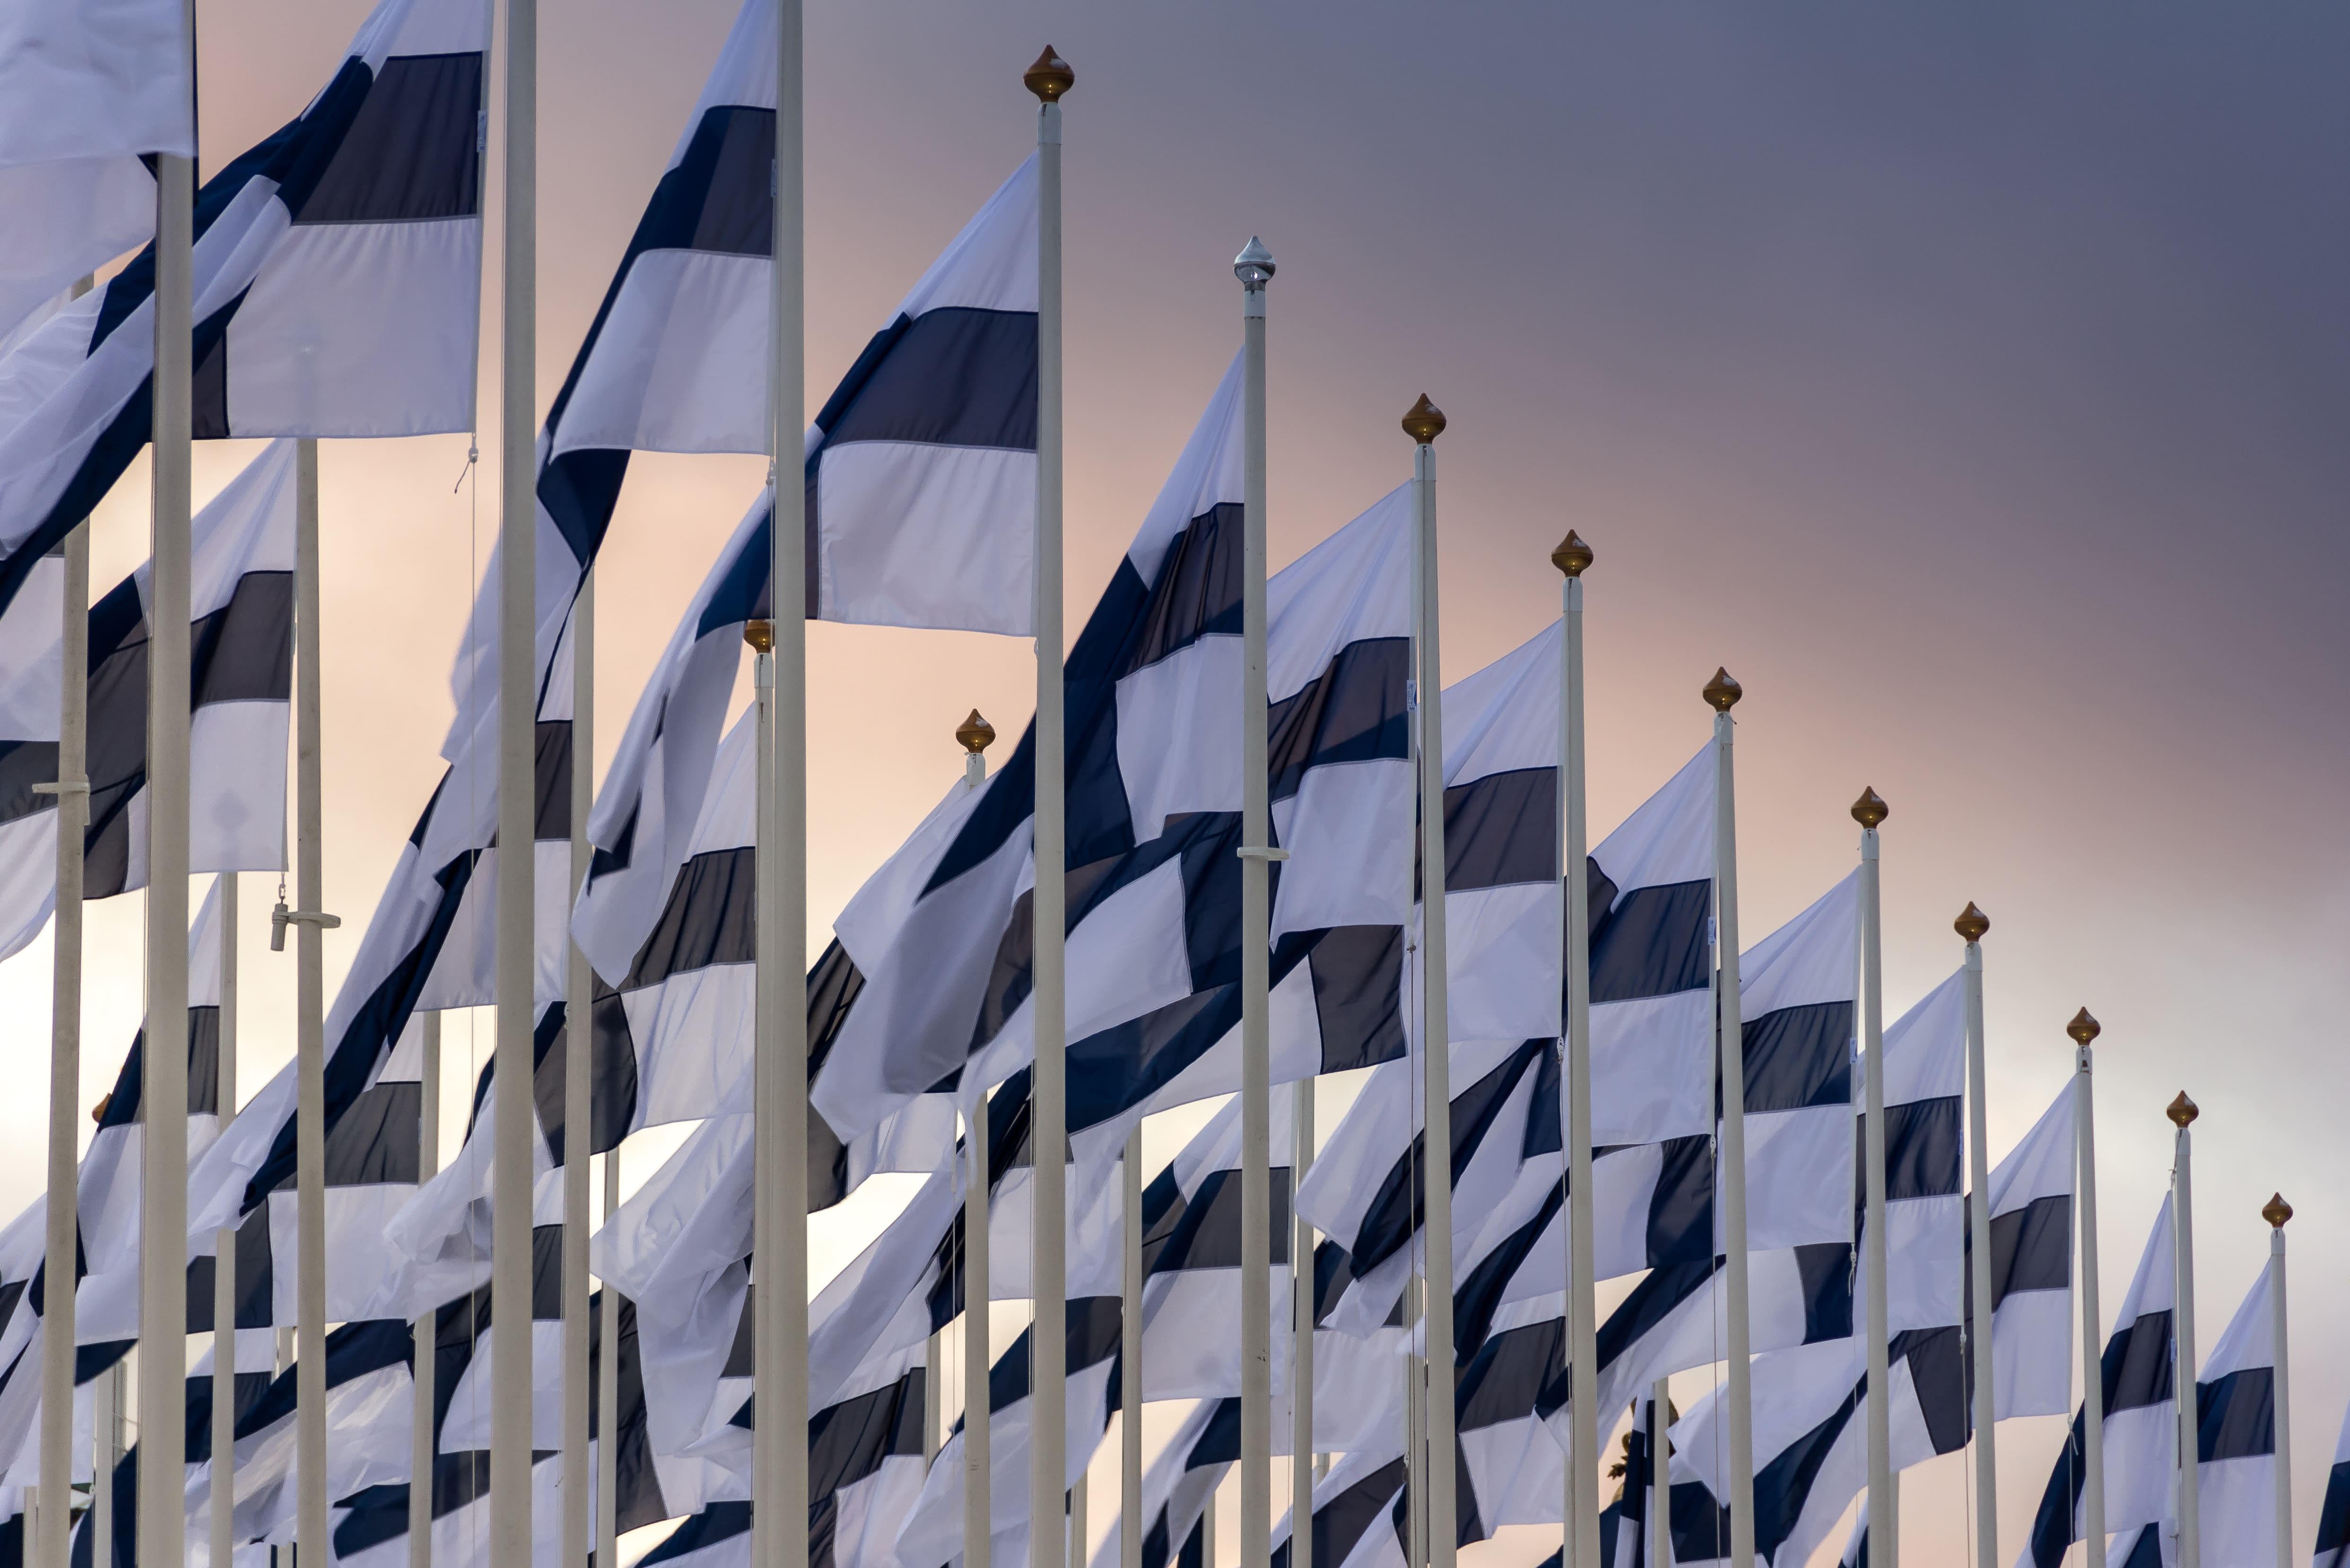 Banderas de Finlandia, el país más feliz del mundo de nuevo